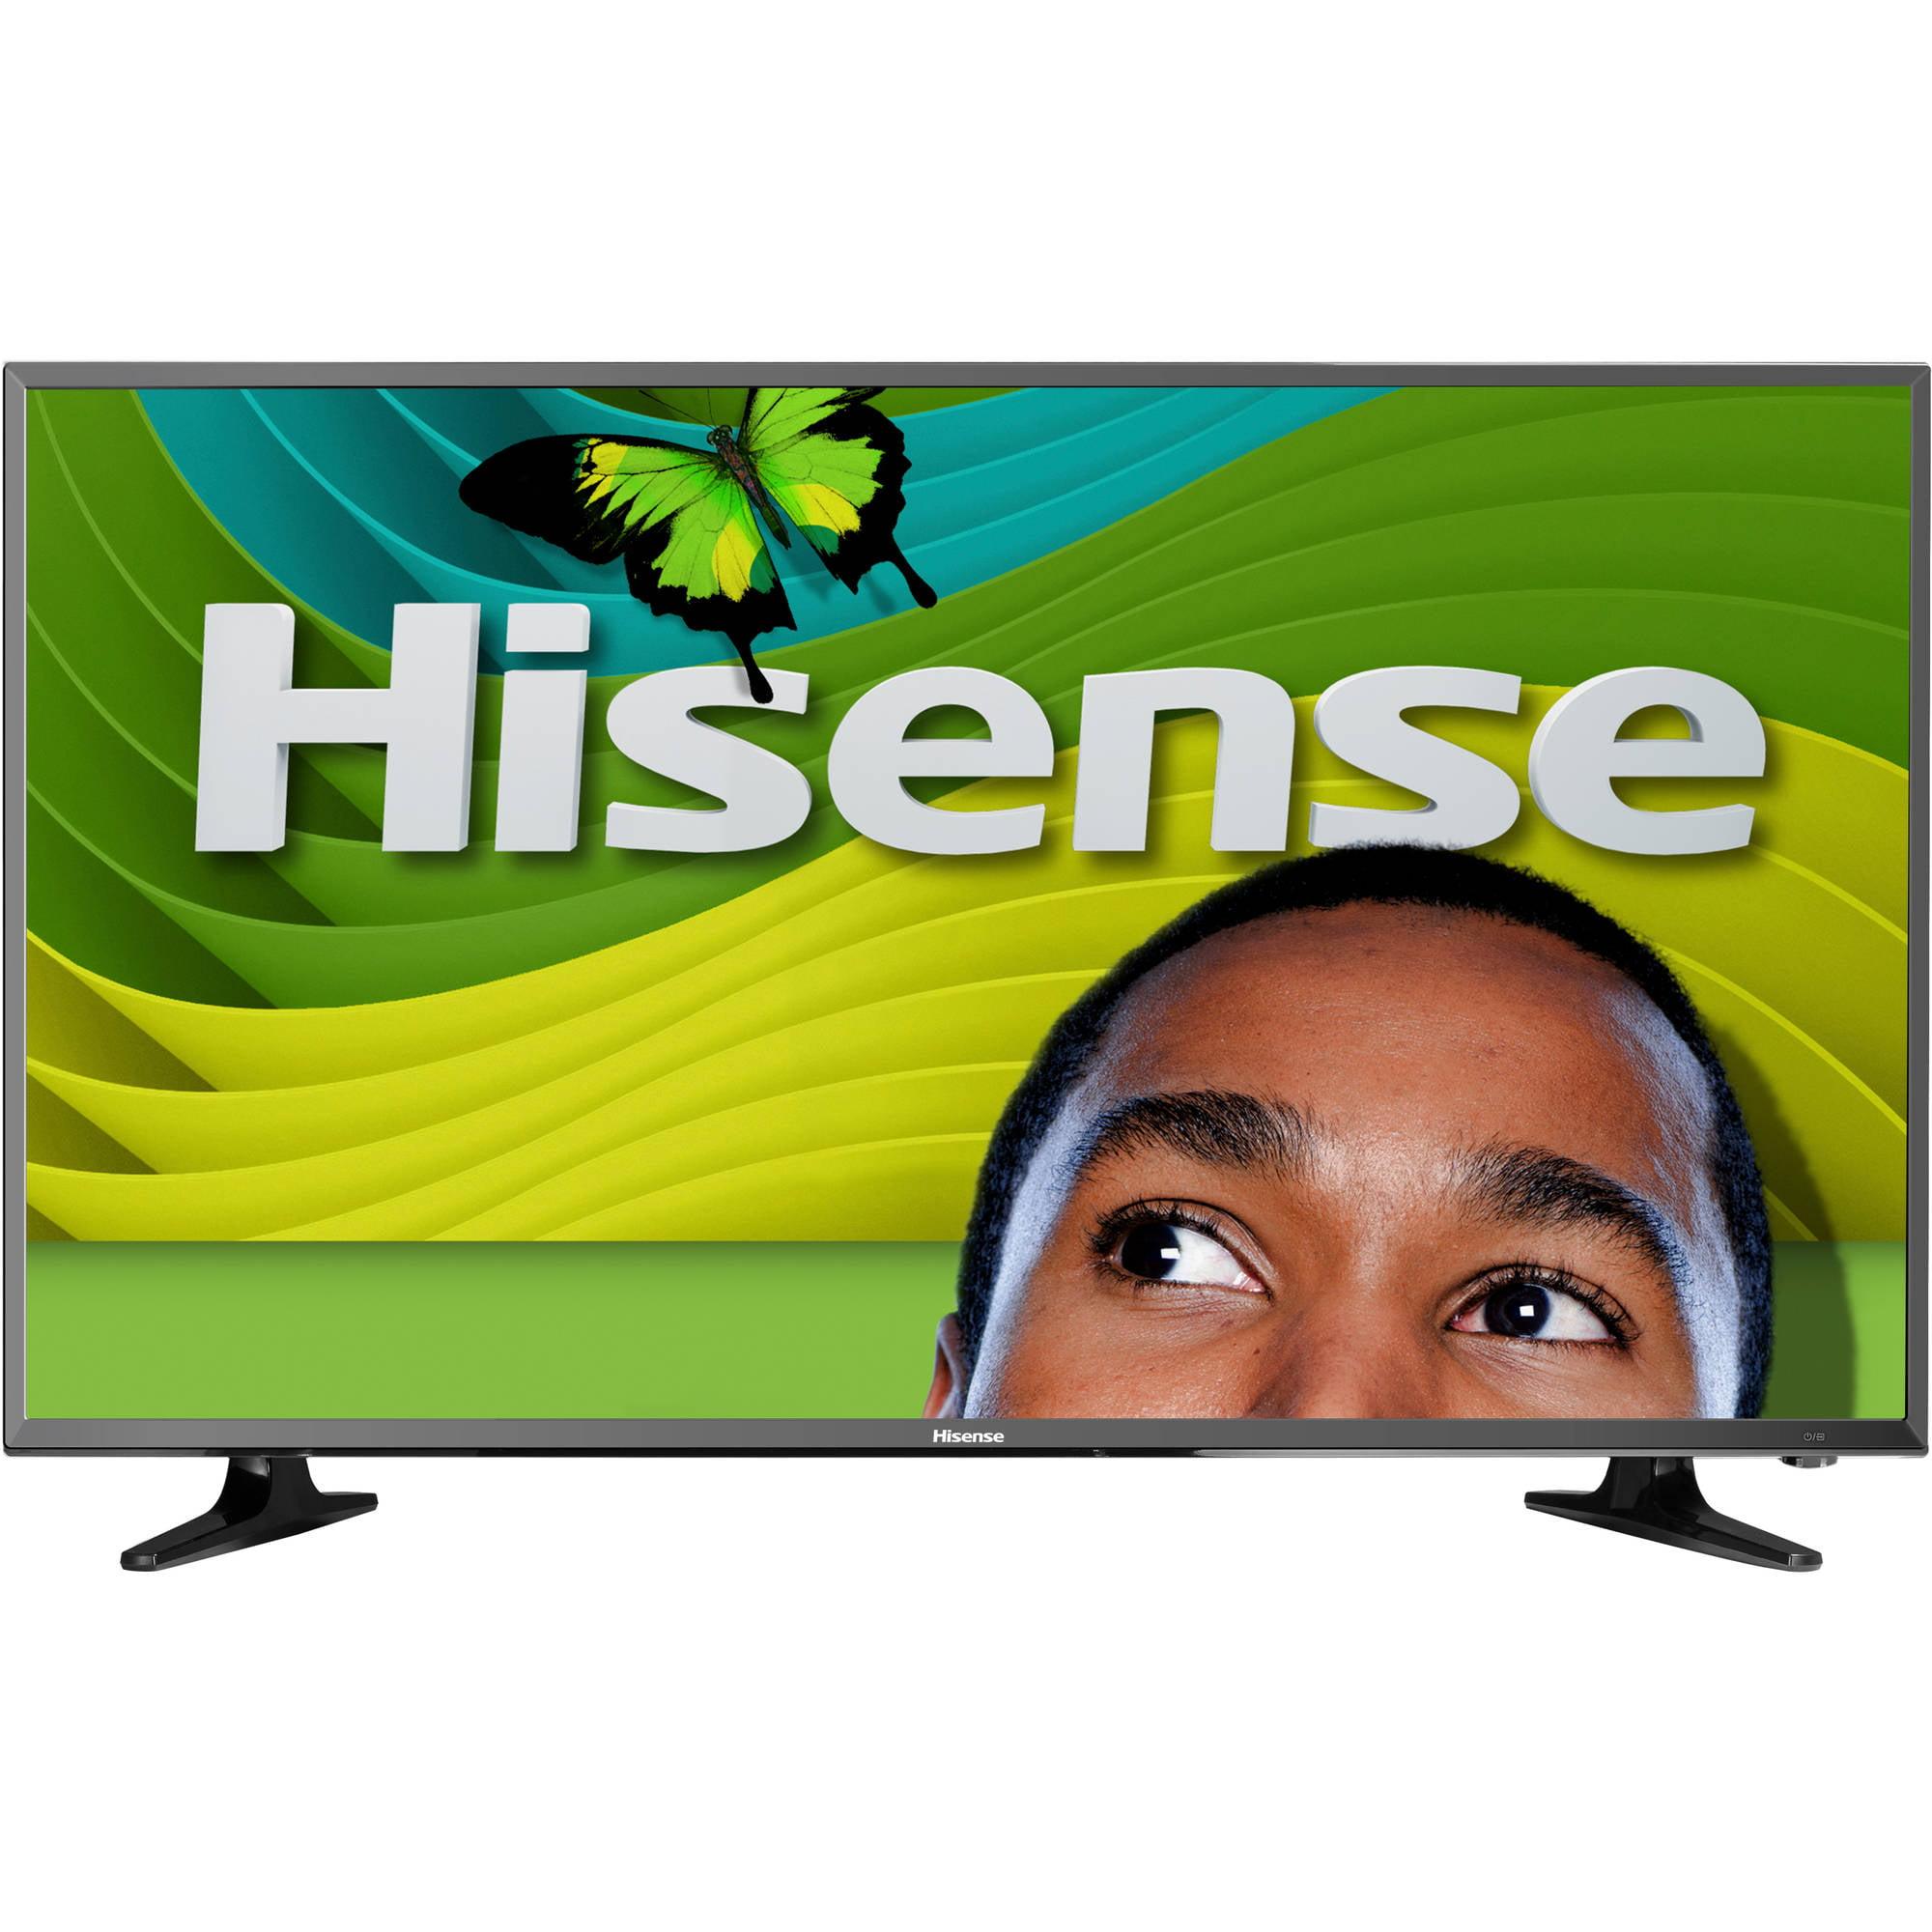 """Hisense 32H3B1 32"""" 720p 60Hz LED HDTV by Hisense"""